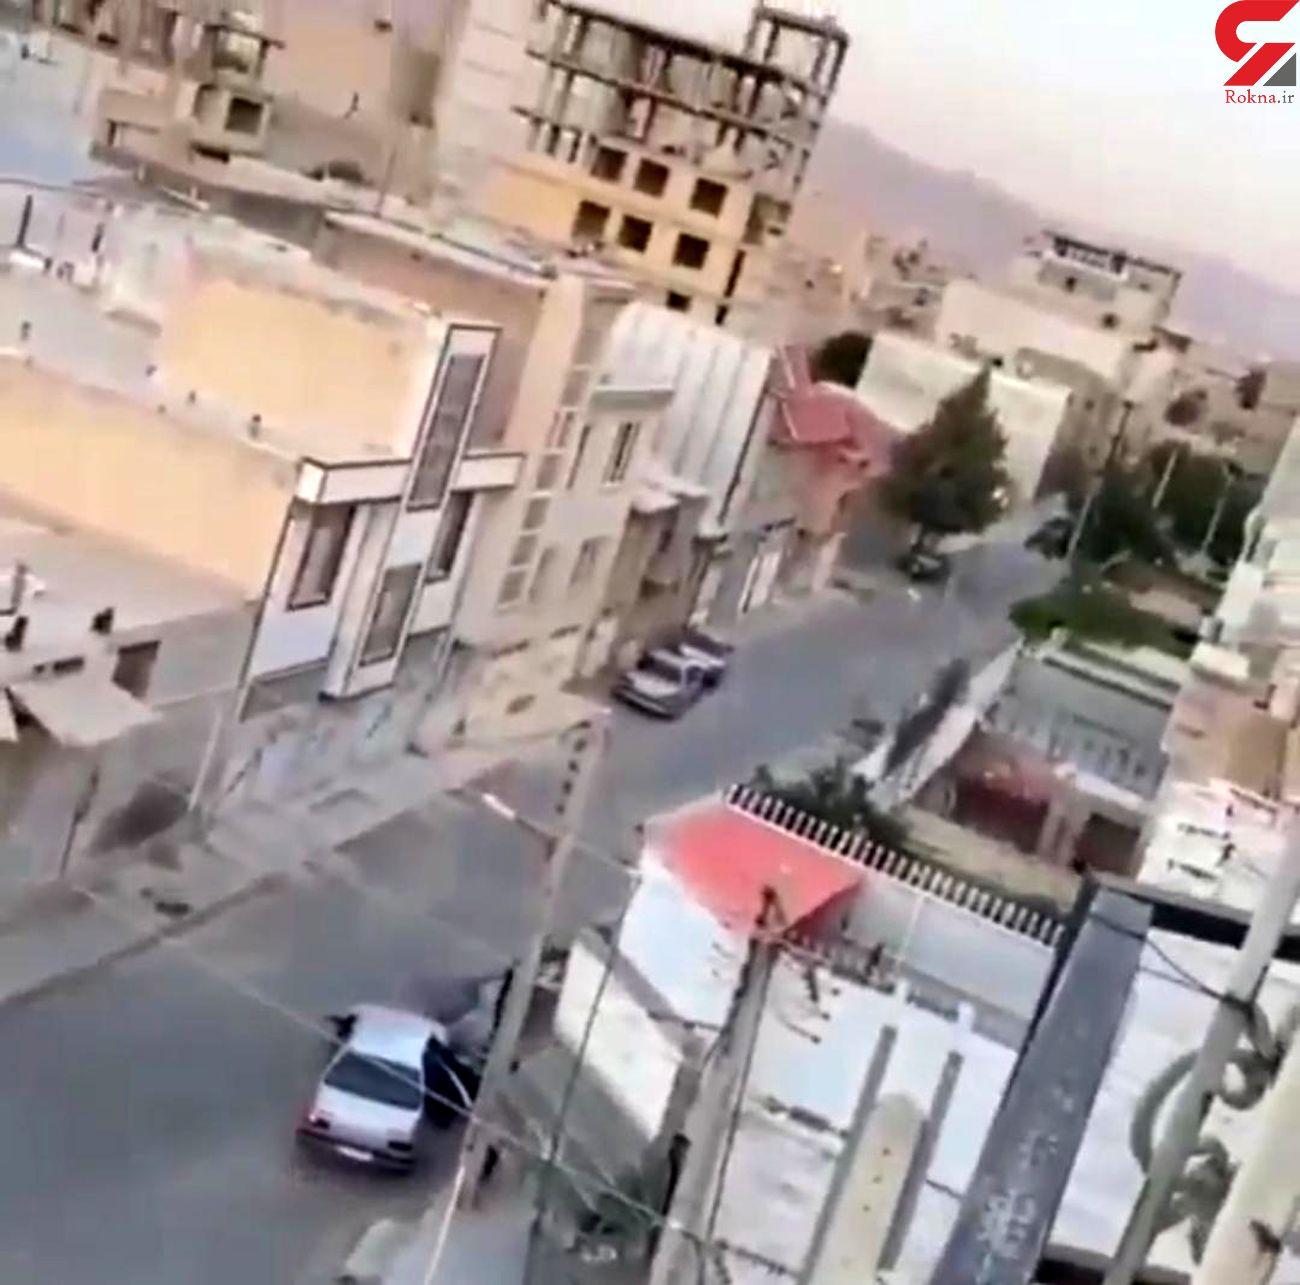 سرقتی عجیب با سلاح گرم در کرمانشاه + فیلم